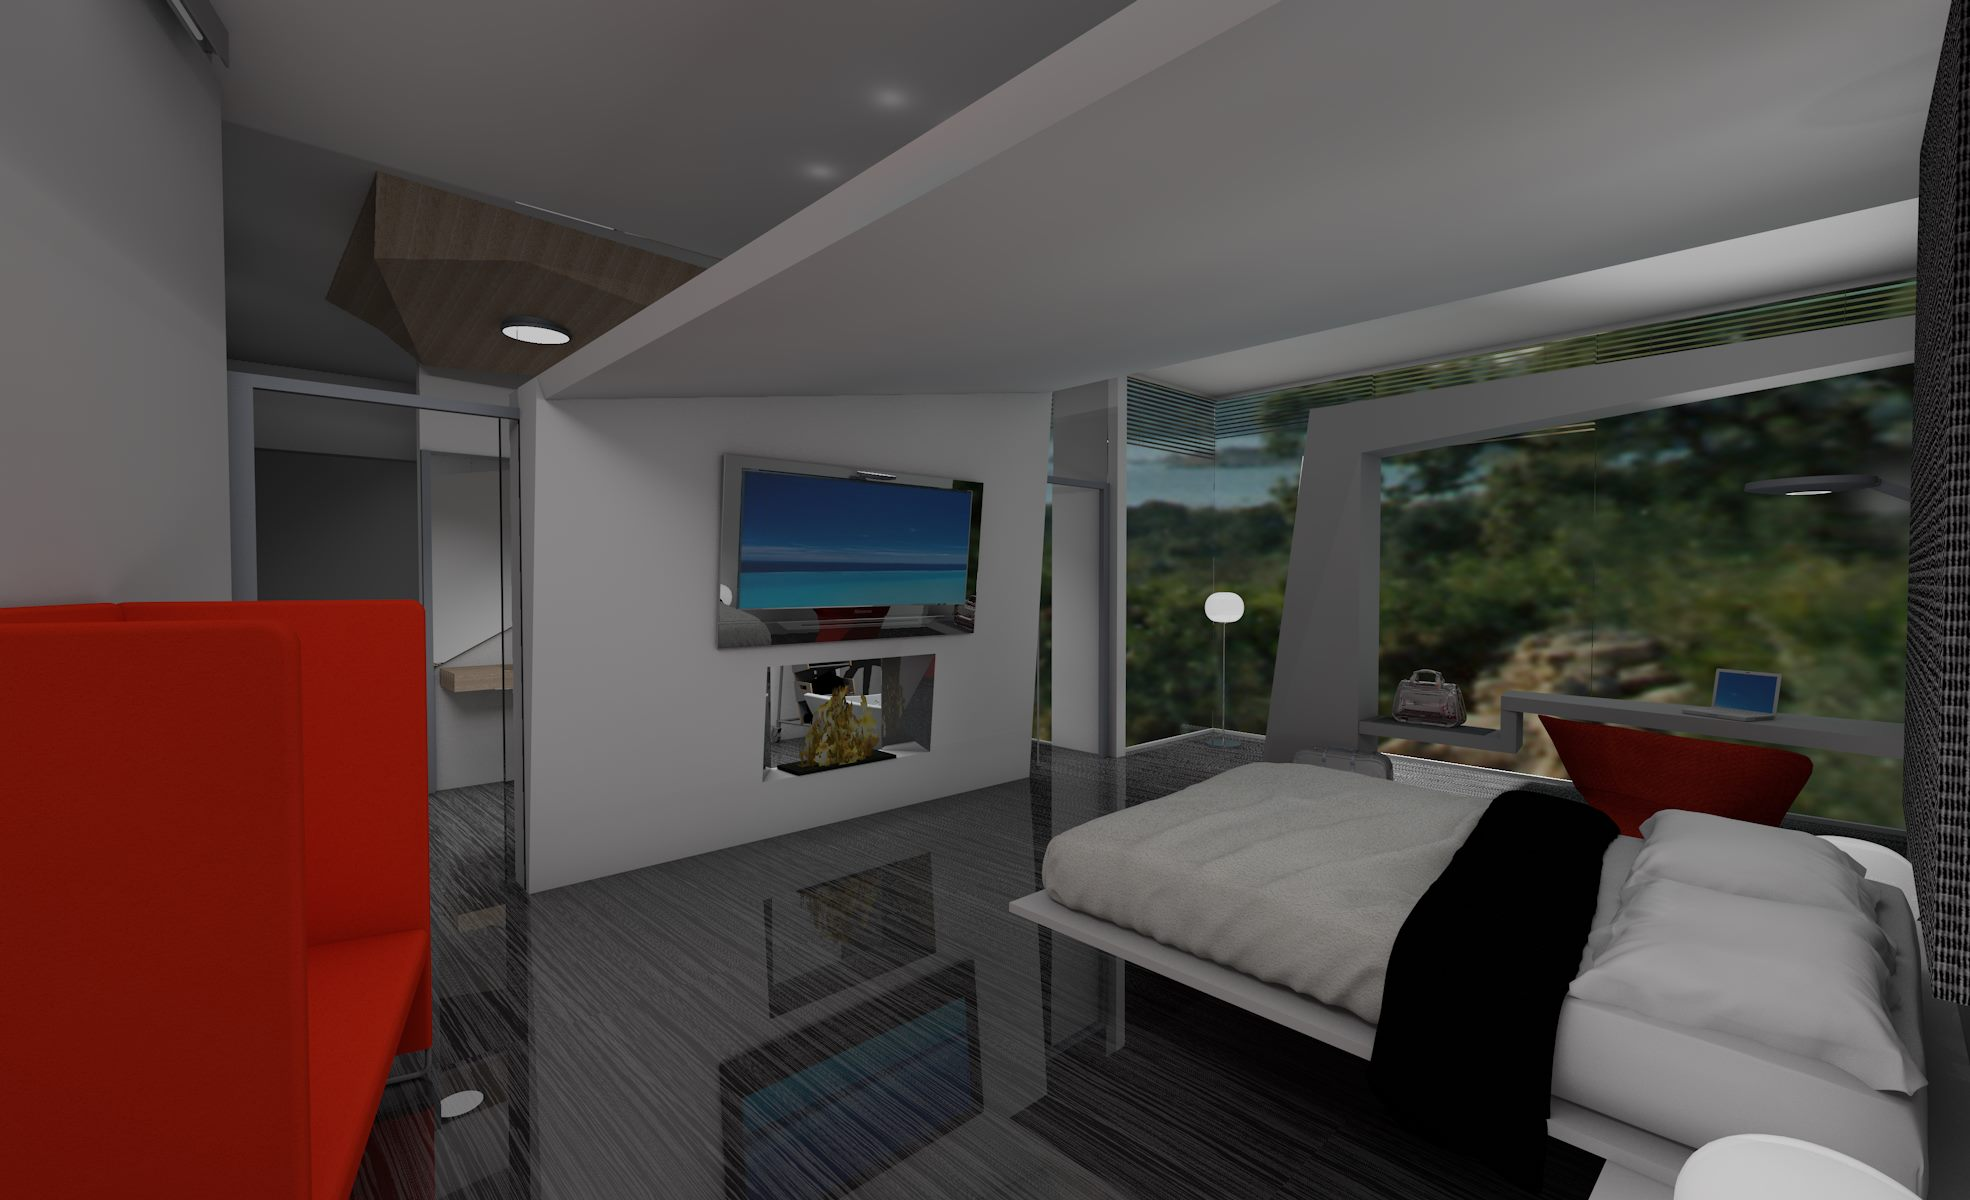 Arredamento casa idee e tendenze di arredamento for Idee di arredo casa